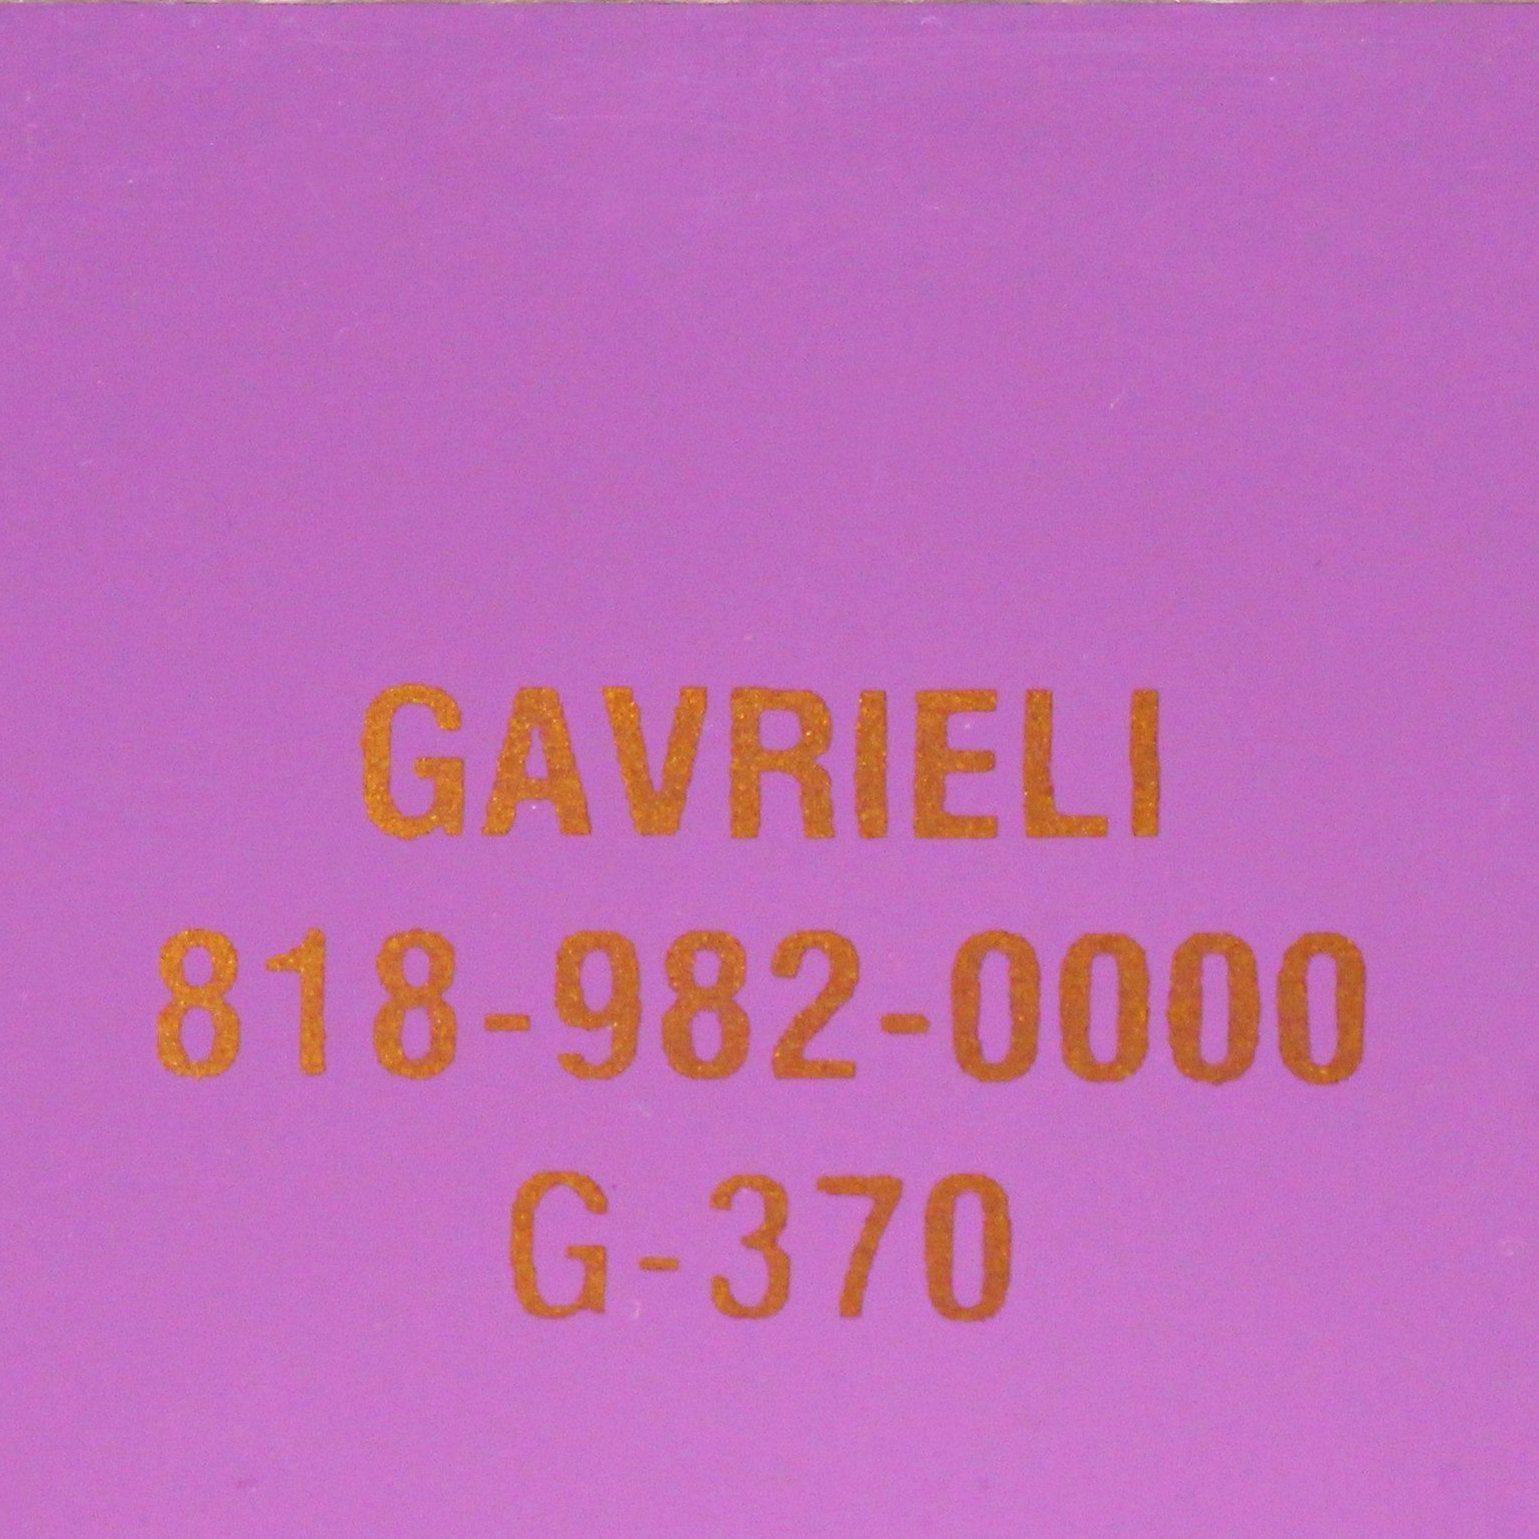 G-370 PURPLE FL